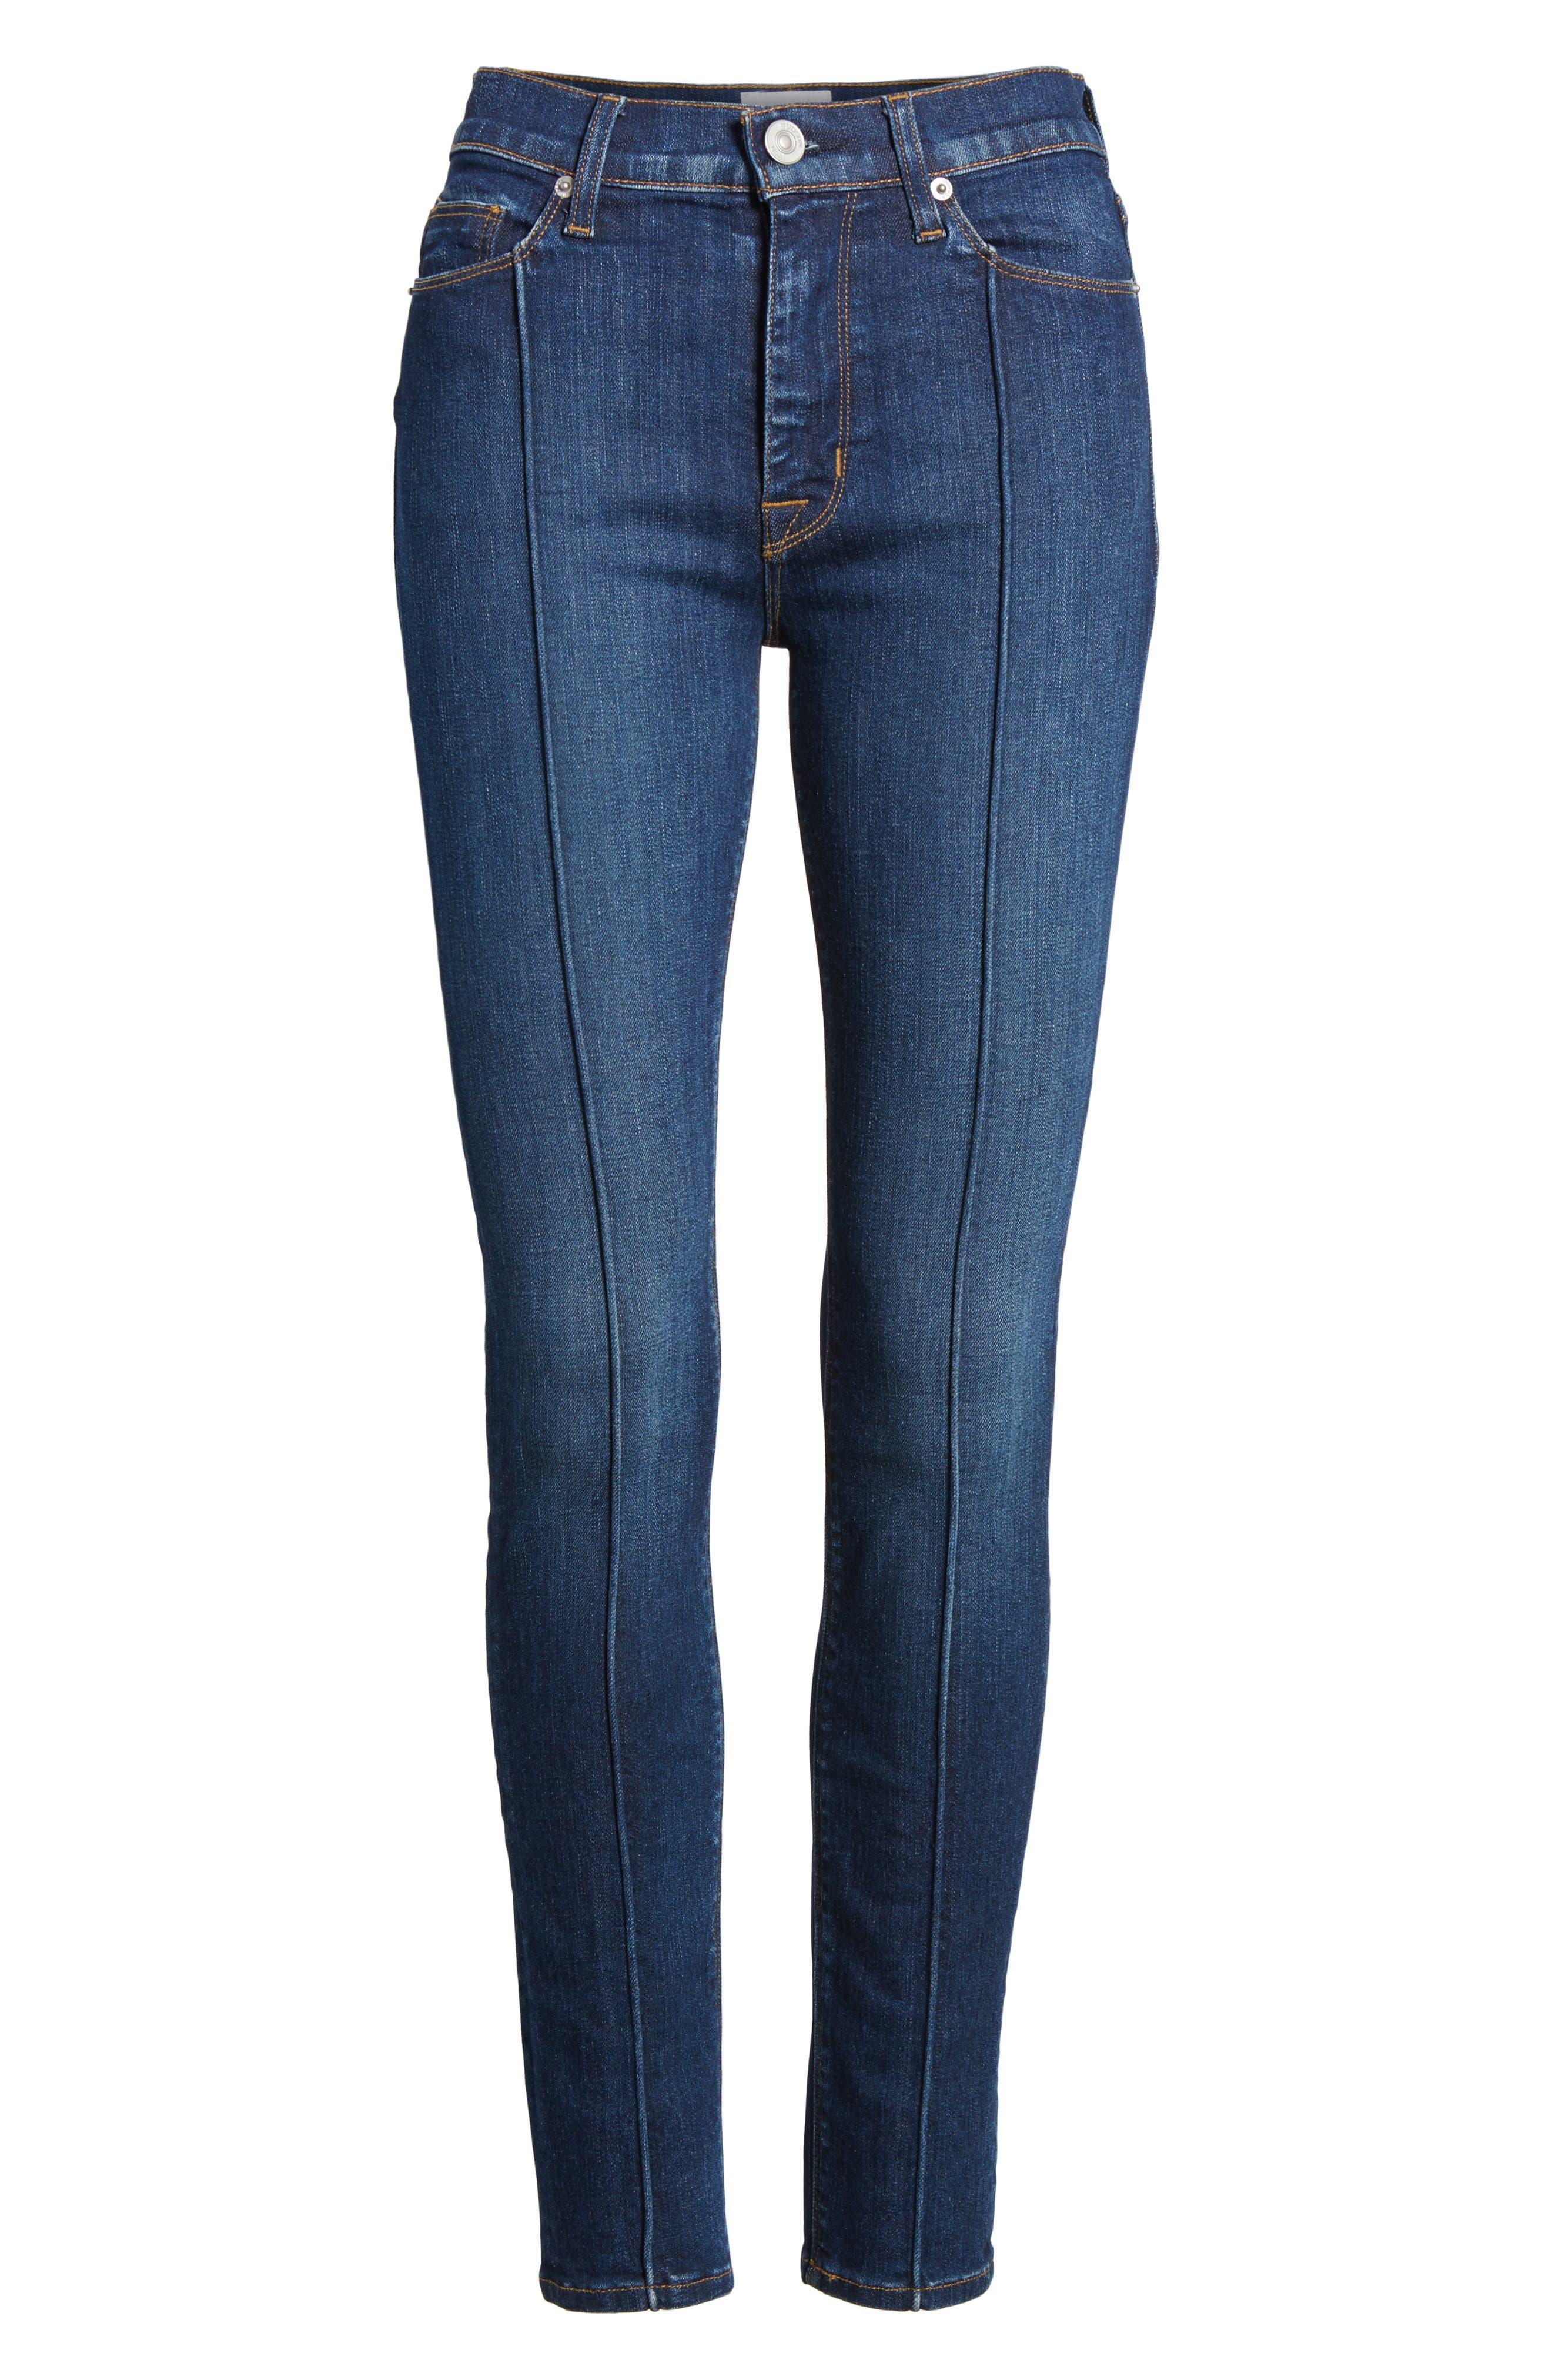 Barbara Pintuck Super Skinny Jeans,                             Alternate thumbnail 6, color,                             401